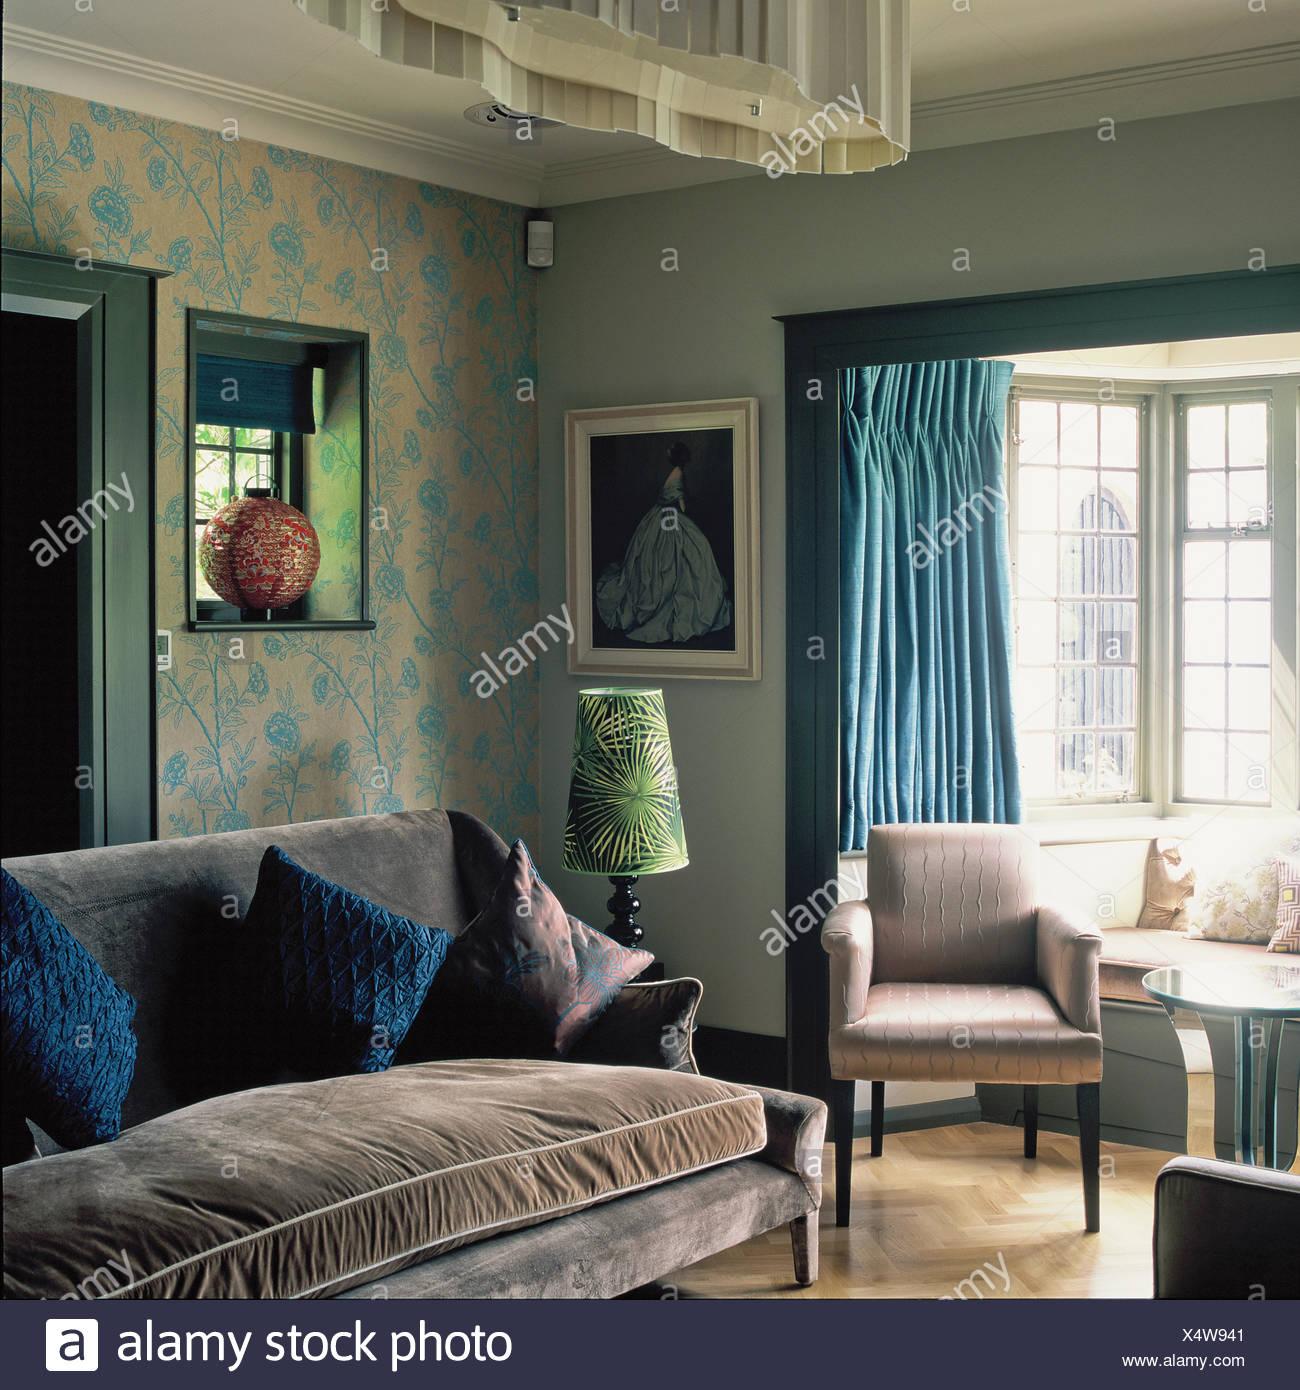 Upholstered Wallpaper Stock Photos Upholstered Wallpaper Stock 1300x1390